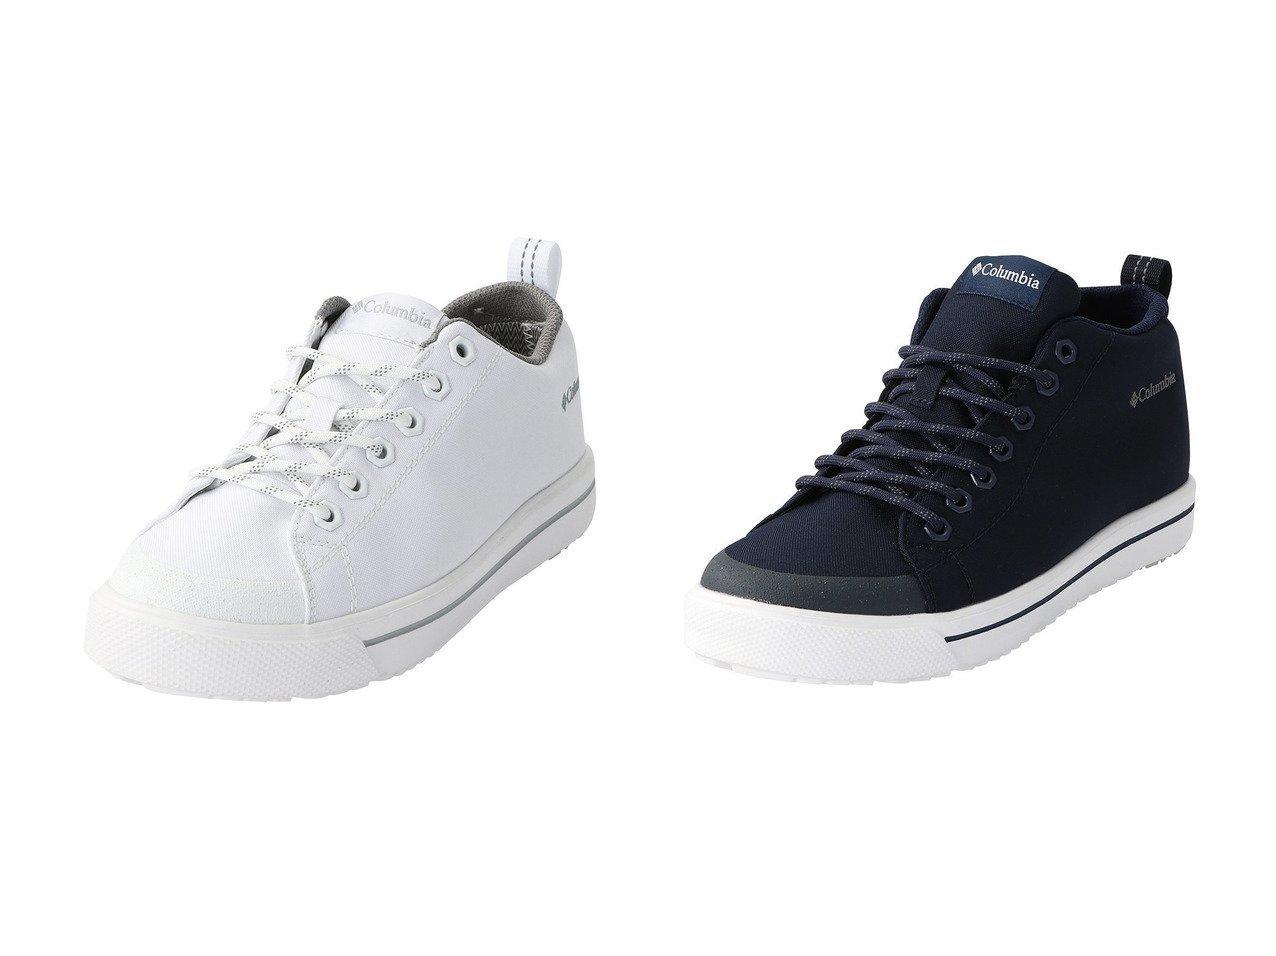 【Columbia/コロンビア】の【UNISEX】ホーソンレイン2ロウ アドバンス オムニテック&【UNISEX】ホーソンレイン2アドバンス オムニテック 【シューズ・靴】おすすめ!人気、トレンド・レディースファッションの通販 おすすめで人気の流行・トレンド、ファッションの通販商品 インテリア・家具・メンズファッション・キッズファッション・レディースファッション・服の通販 founy(ファニー) https://founy.com/ ファッション Fashion レディースファッション WOMEN スポーツウェア Sportswear スニーカー Sneakers スポーツ シューズ Shoes UNISEX アウトドア シューズ シンプル スニーカー スポーツ |ID:crp329100000072573